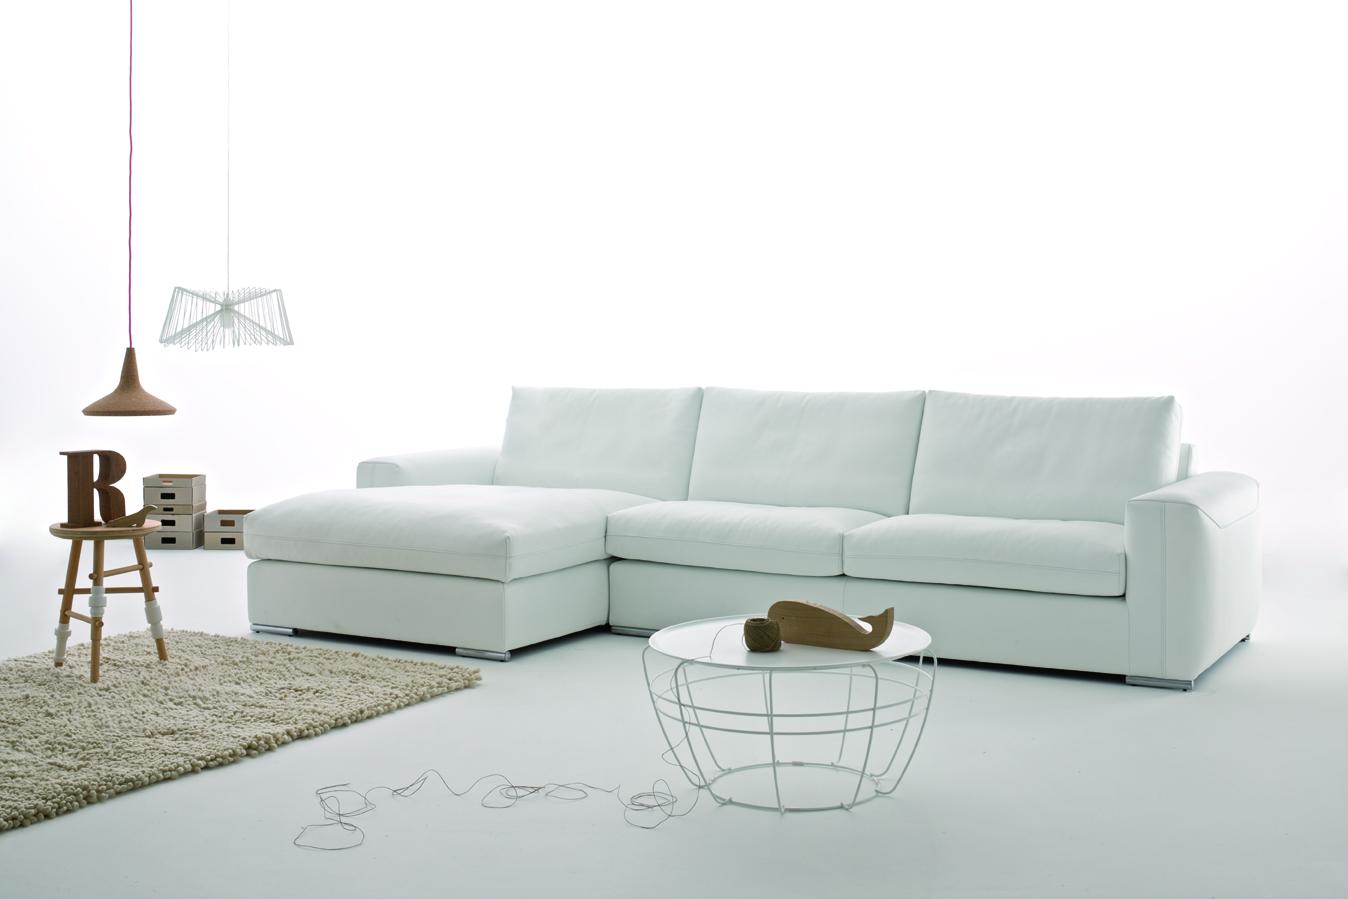 Novit 2013 nuovo divano in pelle charles tino mariani - Rivestire divano in pelle ...